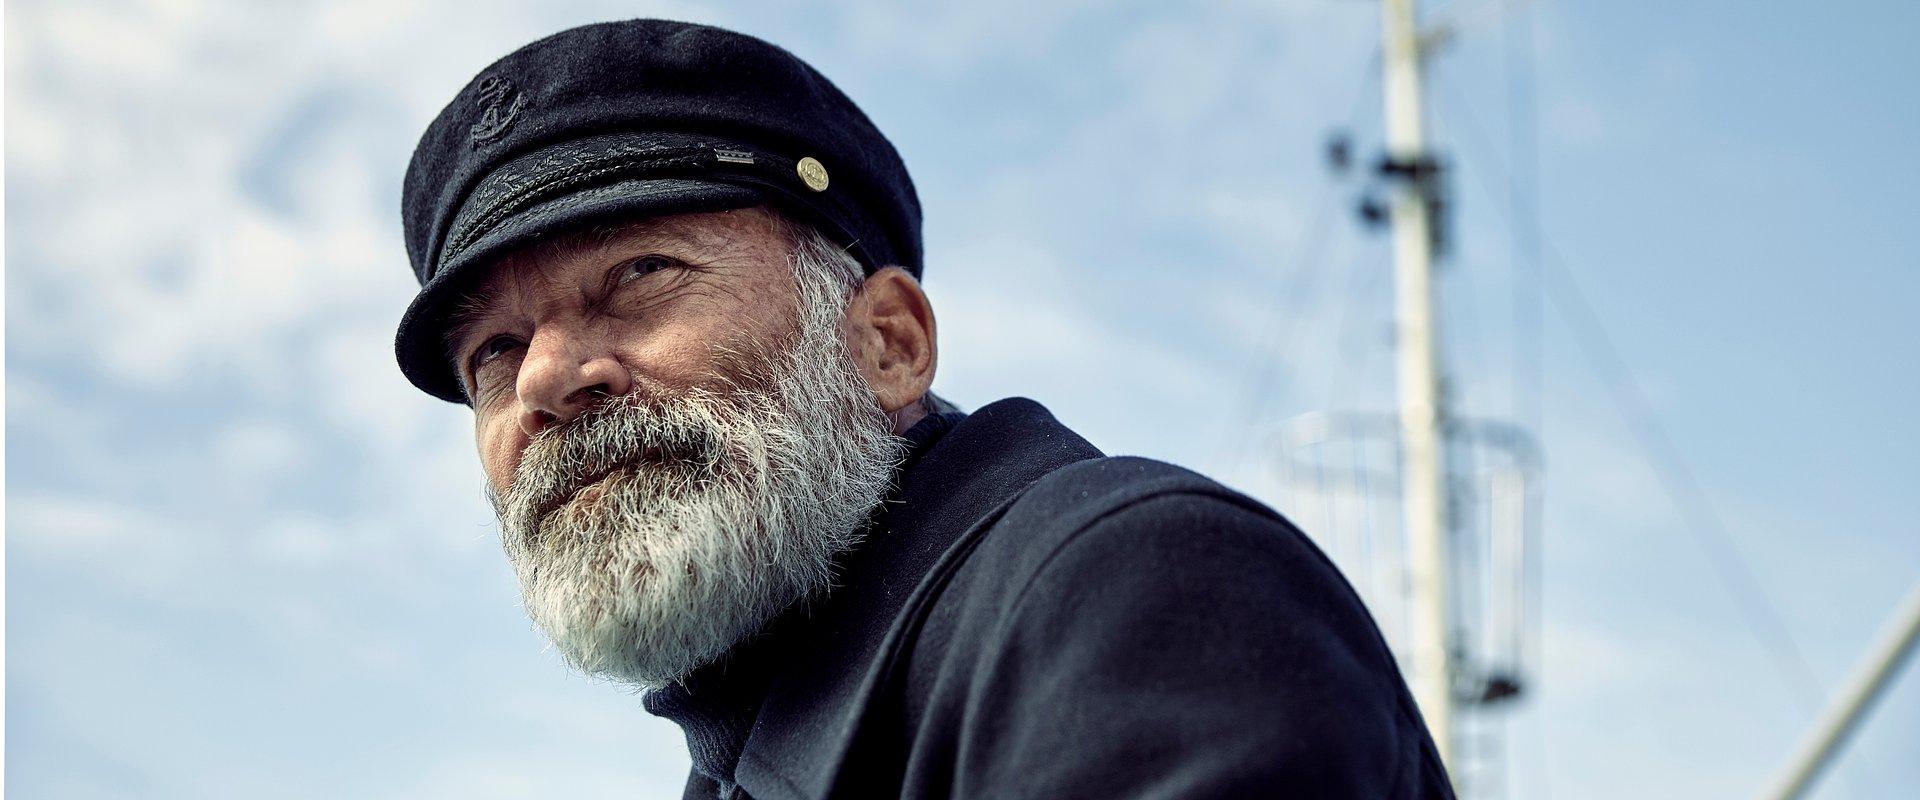 Capitão Iglo recruta Tripulação Portuguesa para partilhar momentos em família